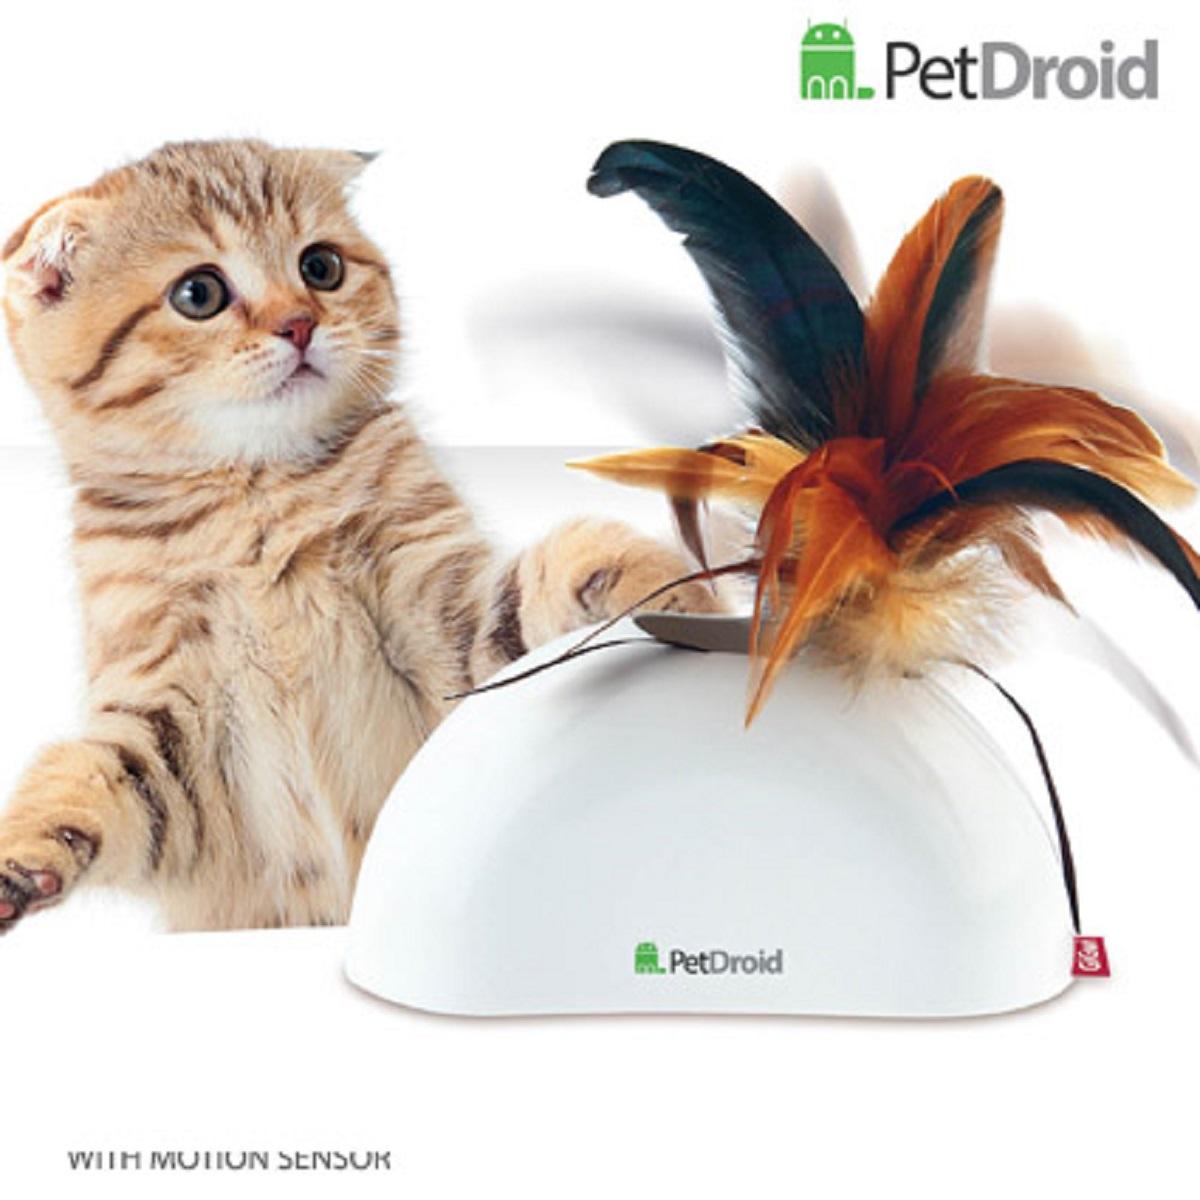 Электронная игрушка для кошек GiGwi Pet Droid Фезер Хайдер0120710Игрушка для кошки. Интерактивная игрушка с звуковым чипом. Сменые насадки, 2 датчика движения. При касании лапами игрушка издает звуки похожие на чириканье птиц. Хвостик из натуральных перьев выскакивает, из корпуса игрушки, что очень забавляет питомца. Игрушка активируется автоматически при при подходе к ней животного, благодаря встроенным датчикам движения. Возможность использование в вертикальном и горизонтальном положении. Крепеж в комплекте для крепления в вертикальном положении Работает от 2 батареек АА Батарейки в комплект не входят Сменная верхушка из перьев Размер 15 см.